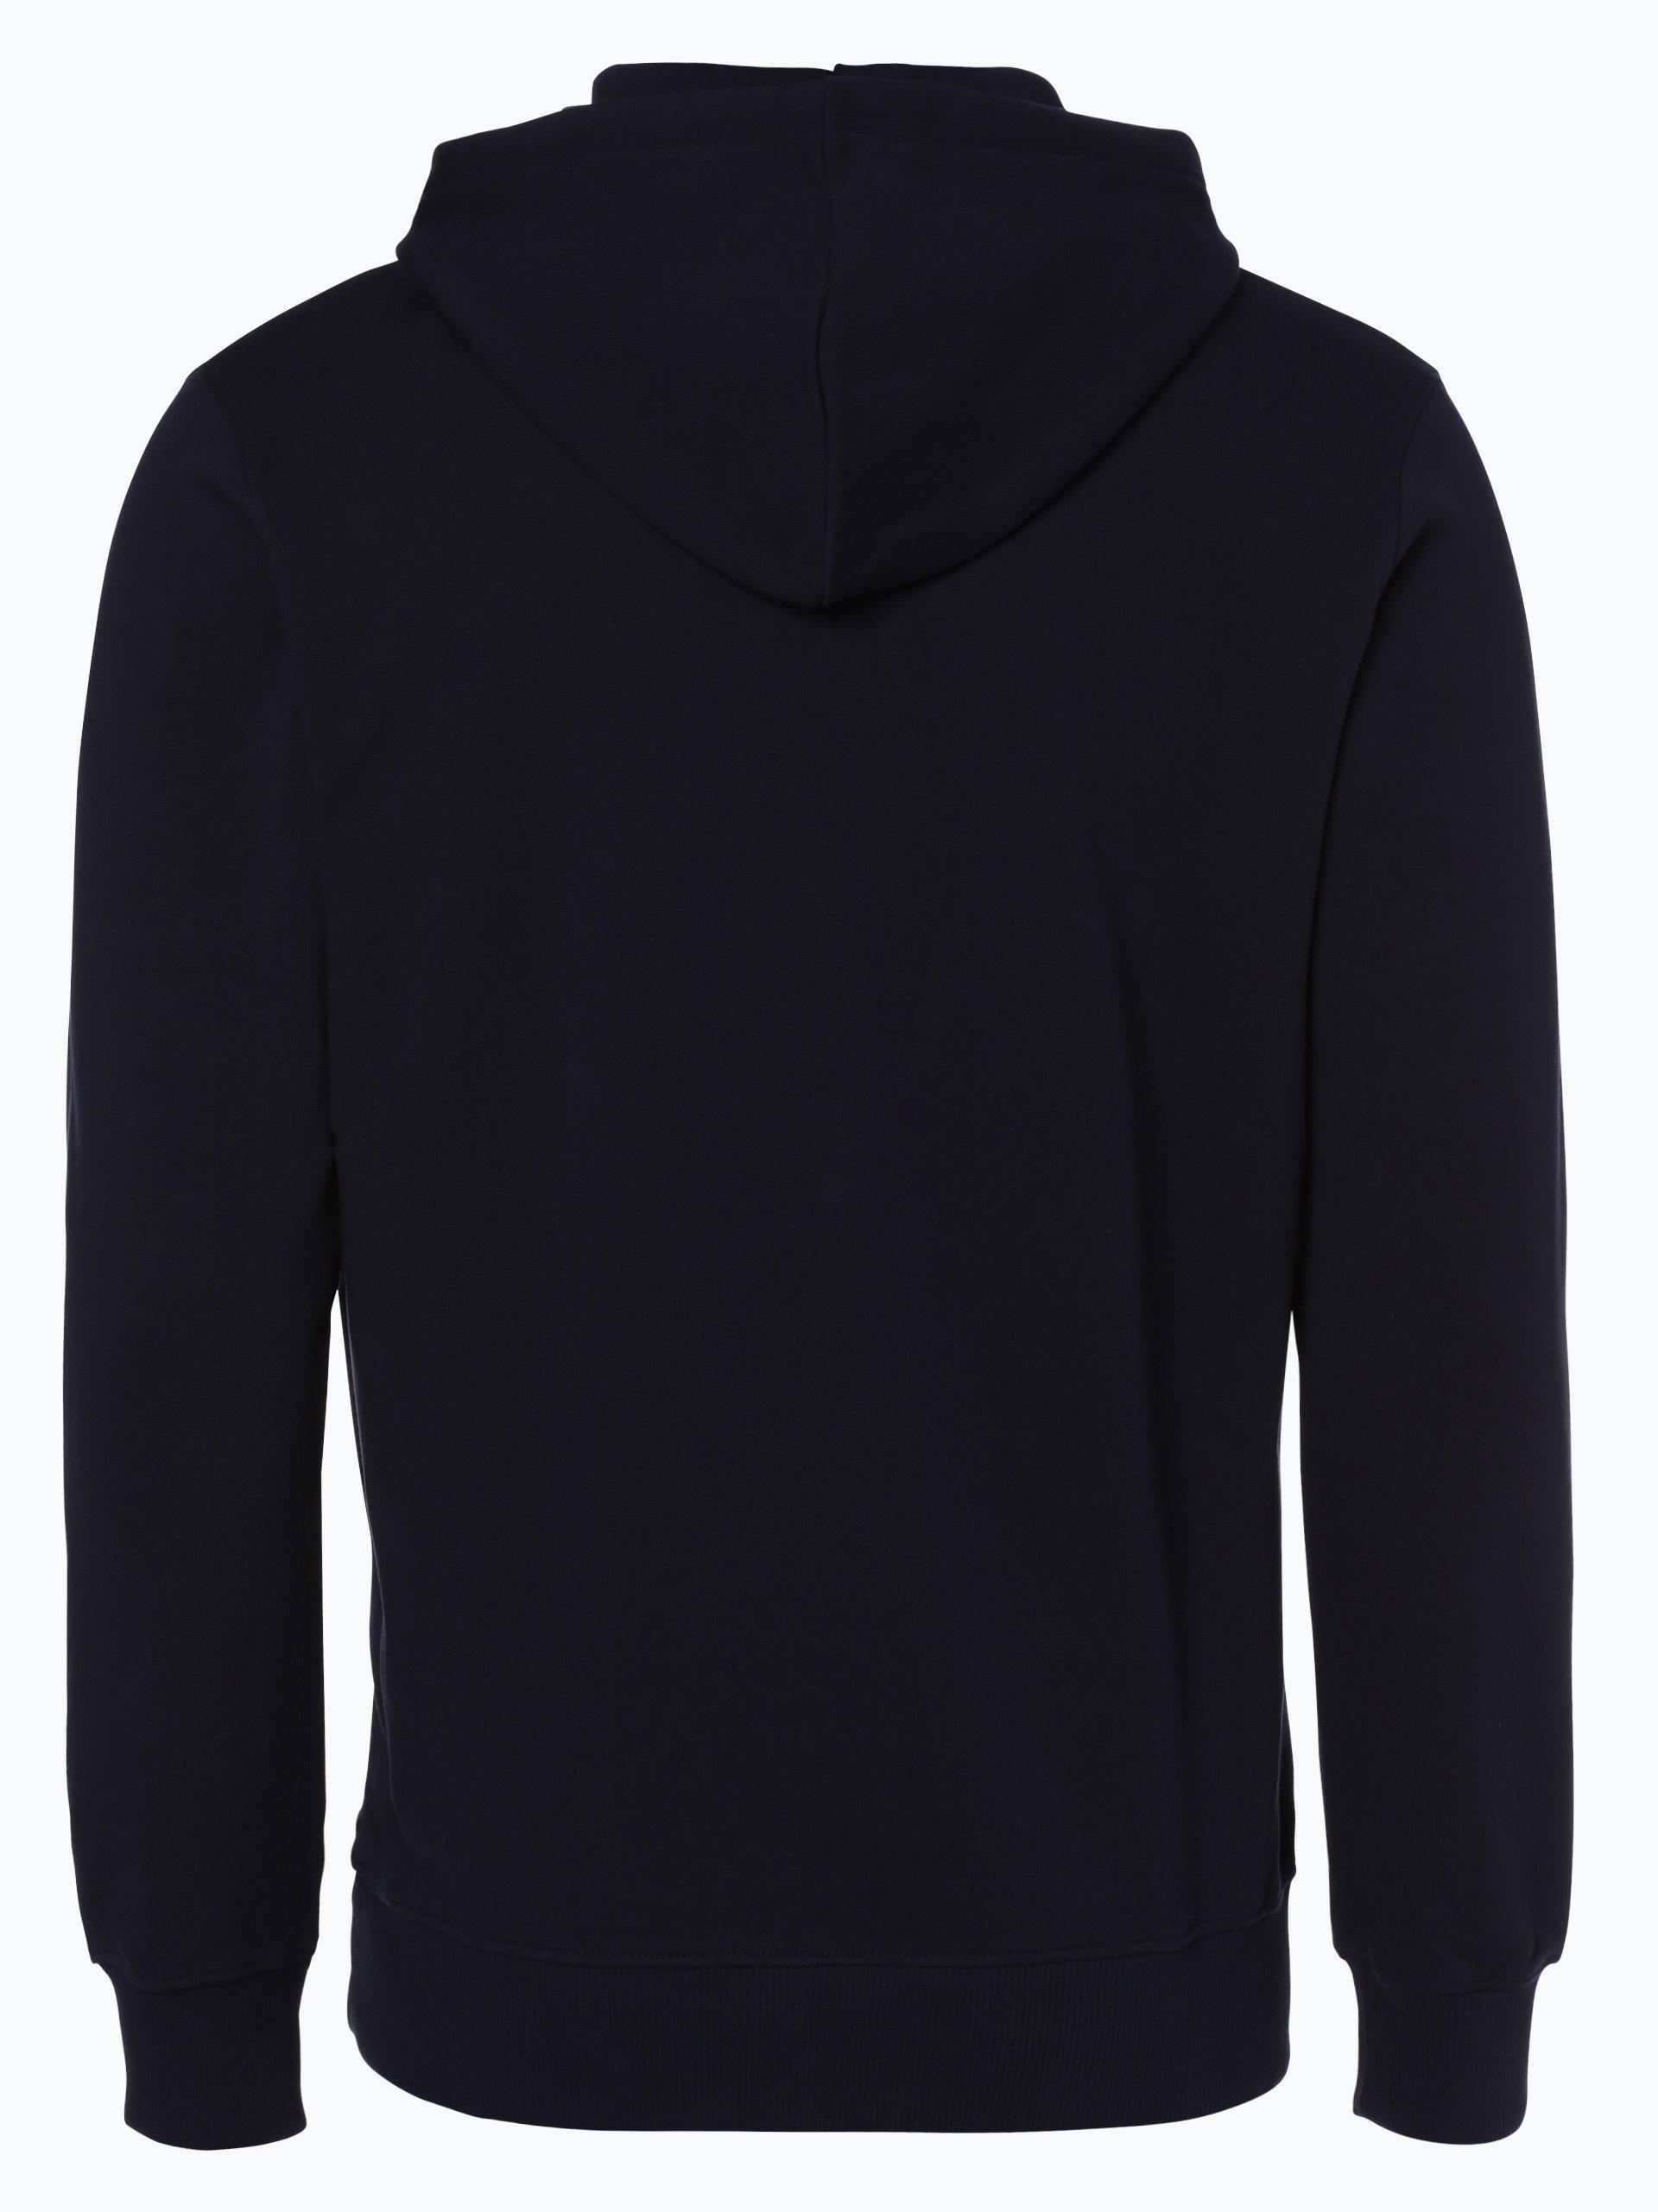 calvin klein jeans herren sweatshirt marine gelb bedruckt online kaufen peek und cloppenburg de. Black Bedroom Furniture Sets. Home Design Ideas